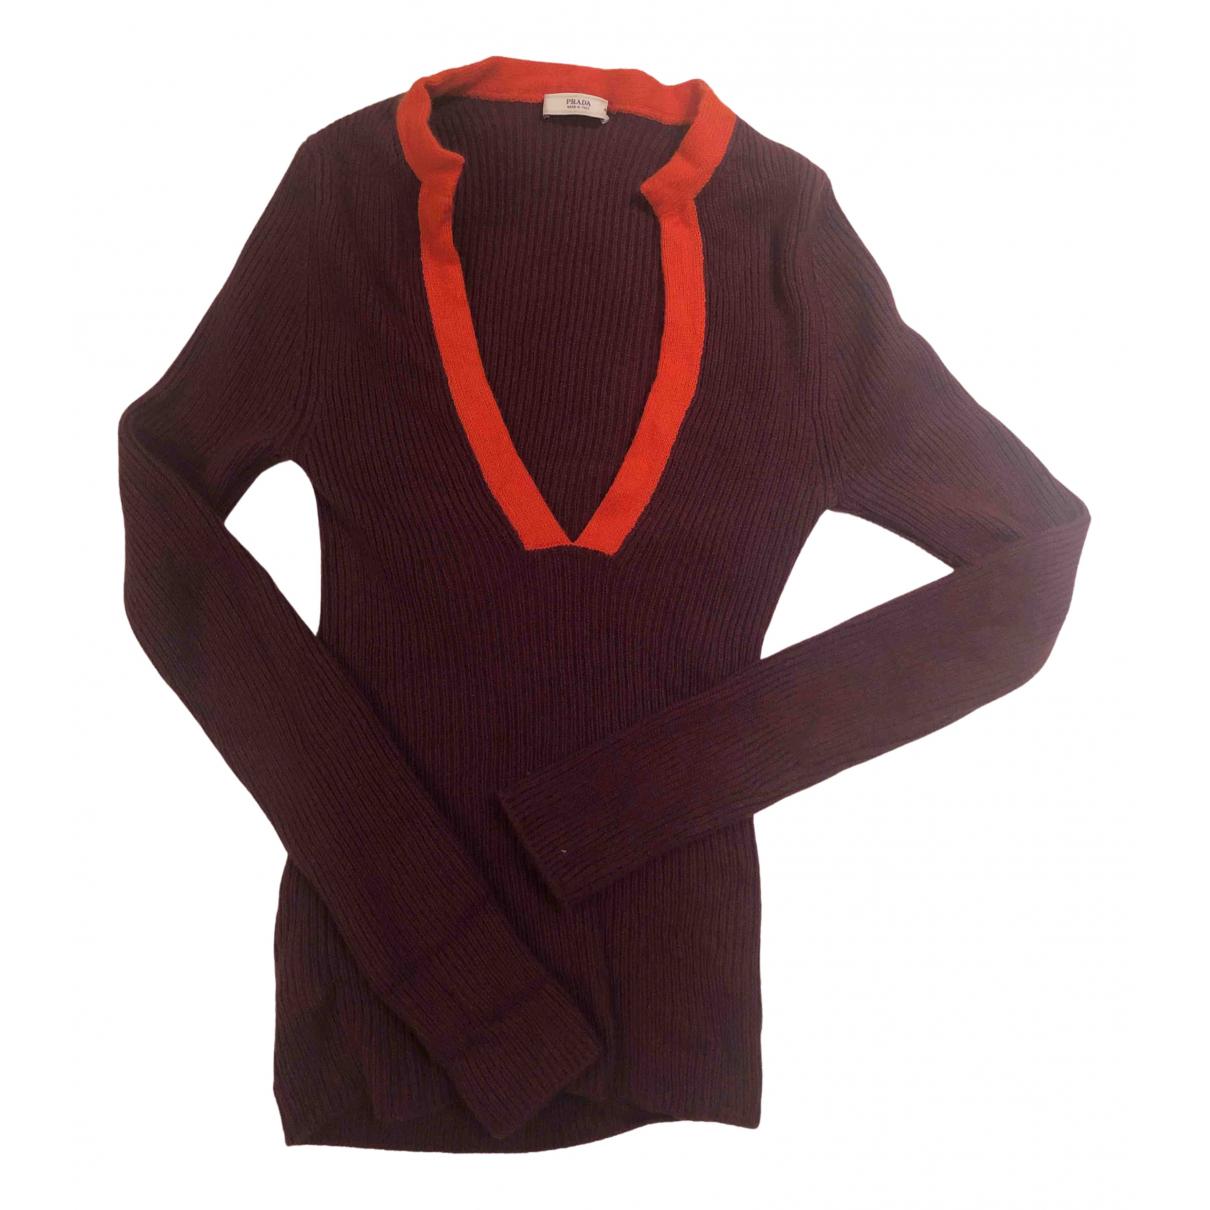 Prada N Burgundy Cashmere Knitwear for Women 40 IT